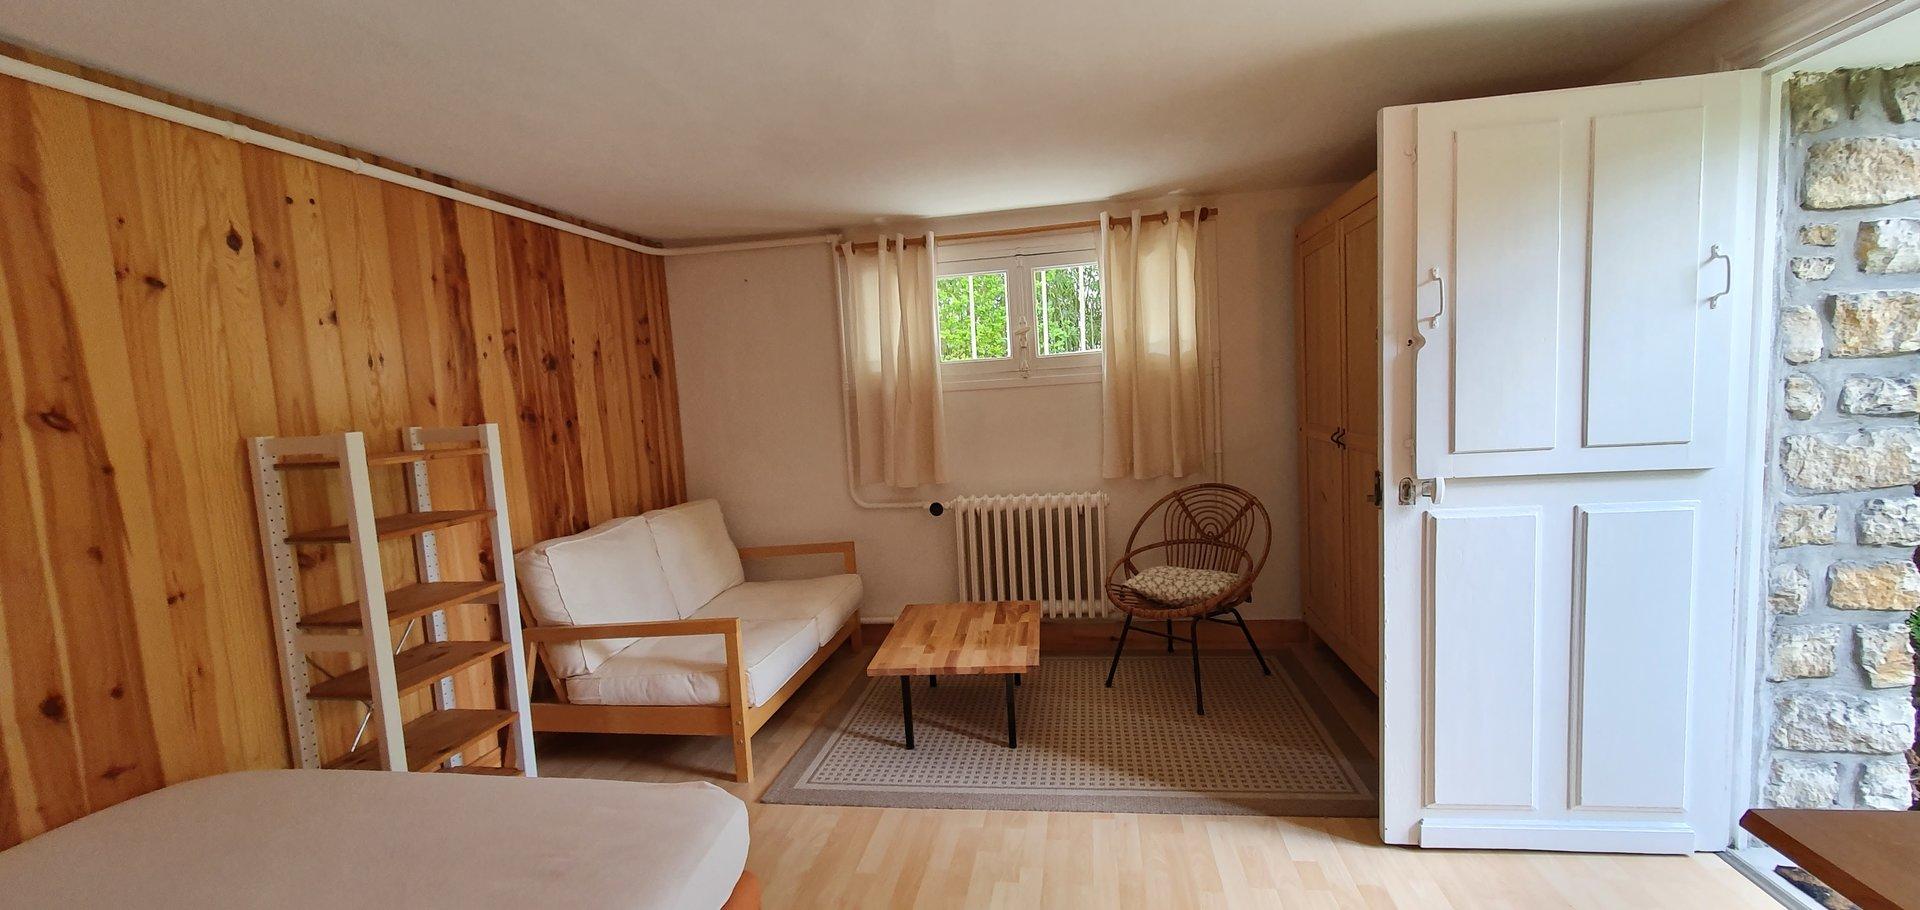 Proche du Parc de Chatou - Studio meublé en rez-de-jardin